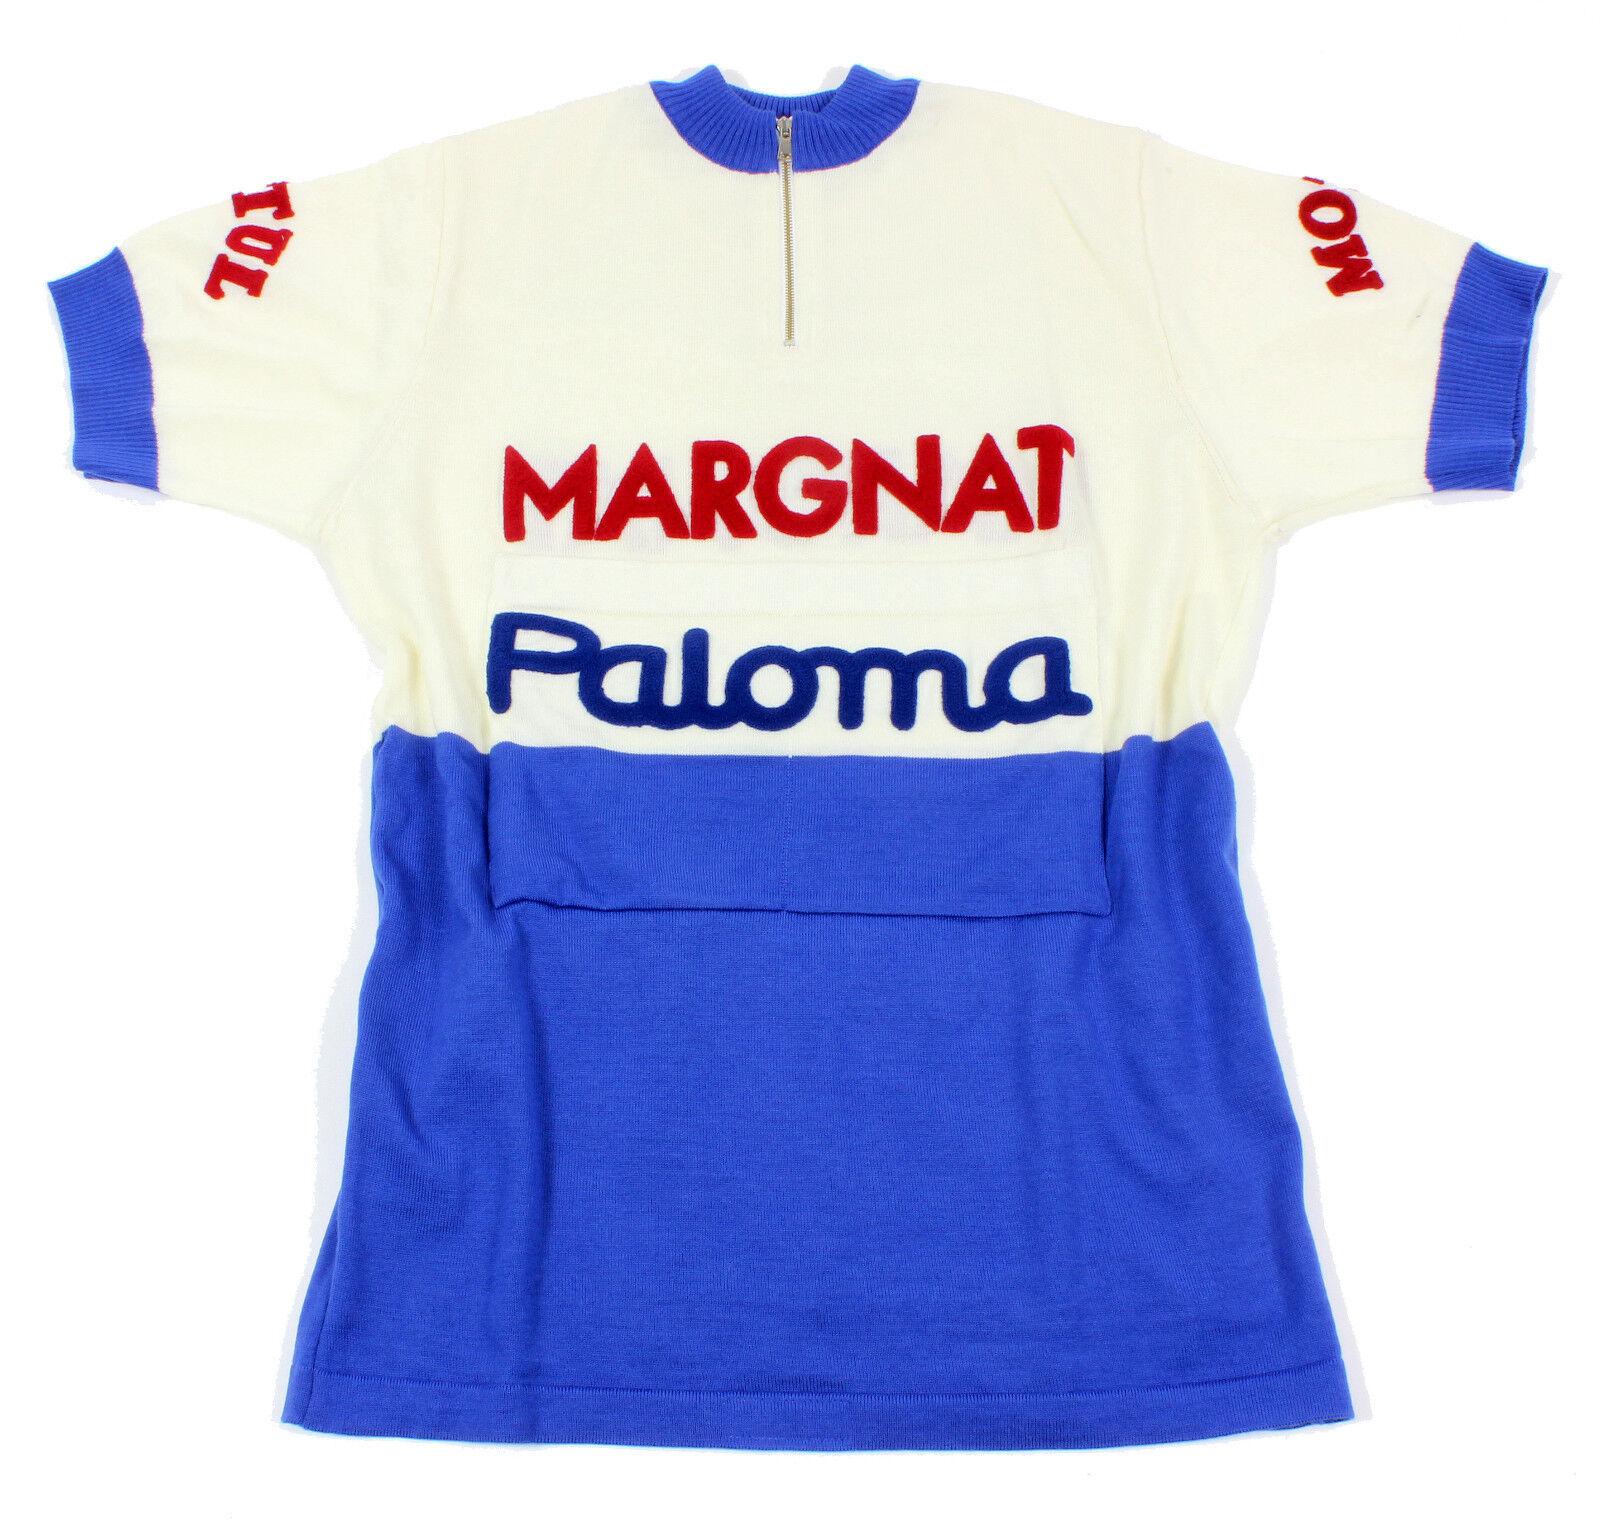 Trikot cycling jersey Margnat Paloma magliamo rennrad campagnolo super record